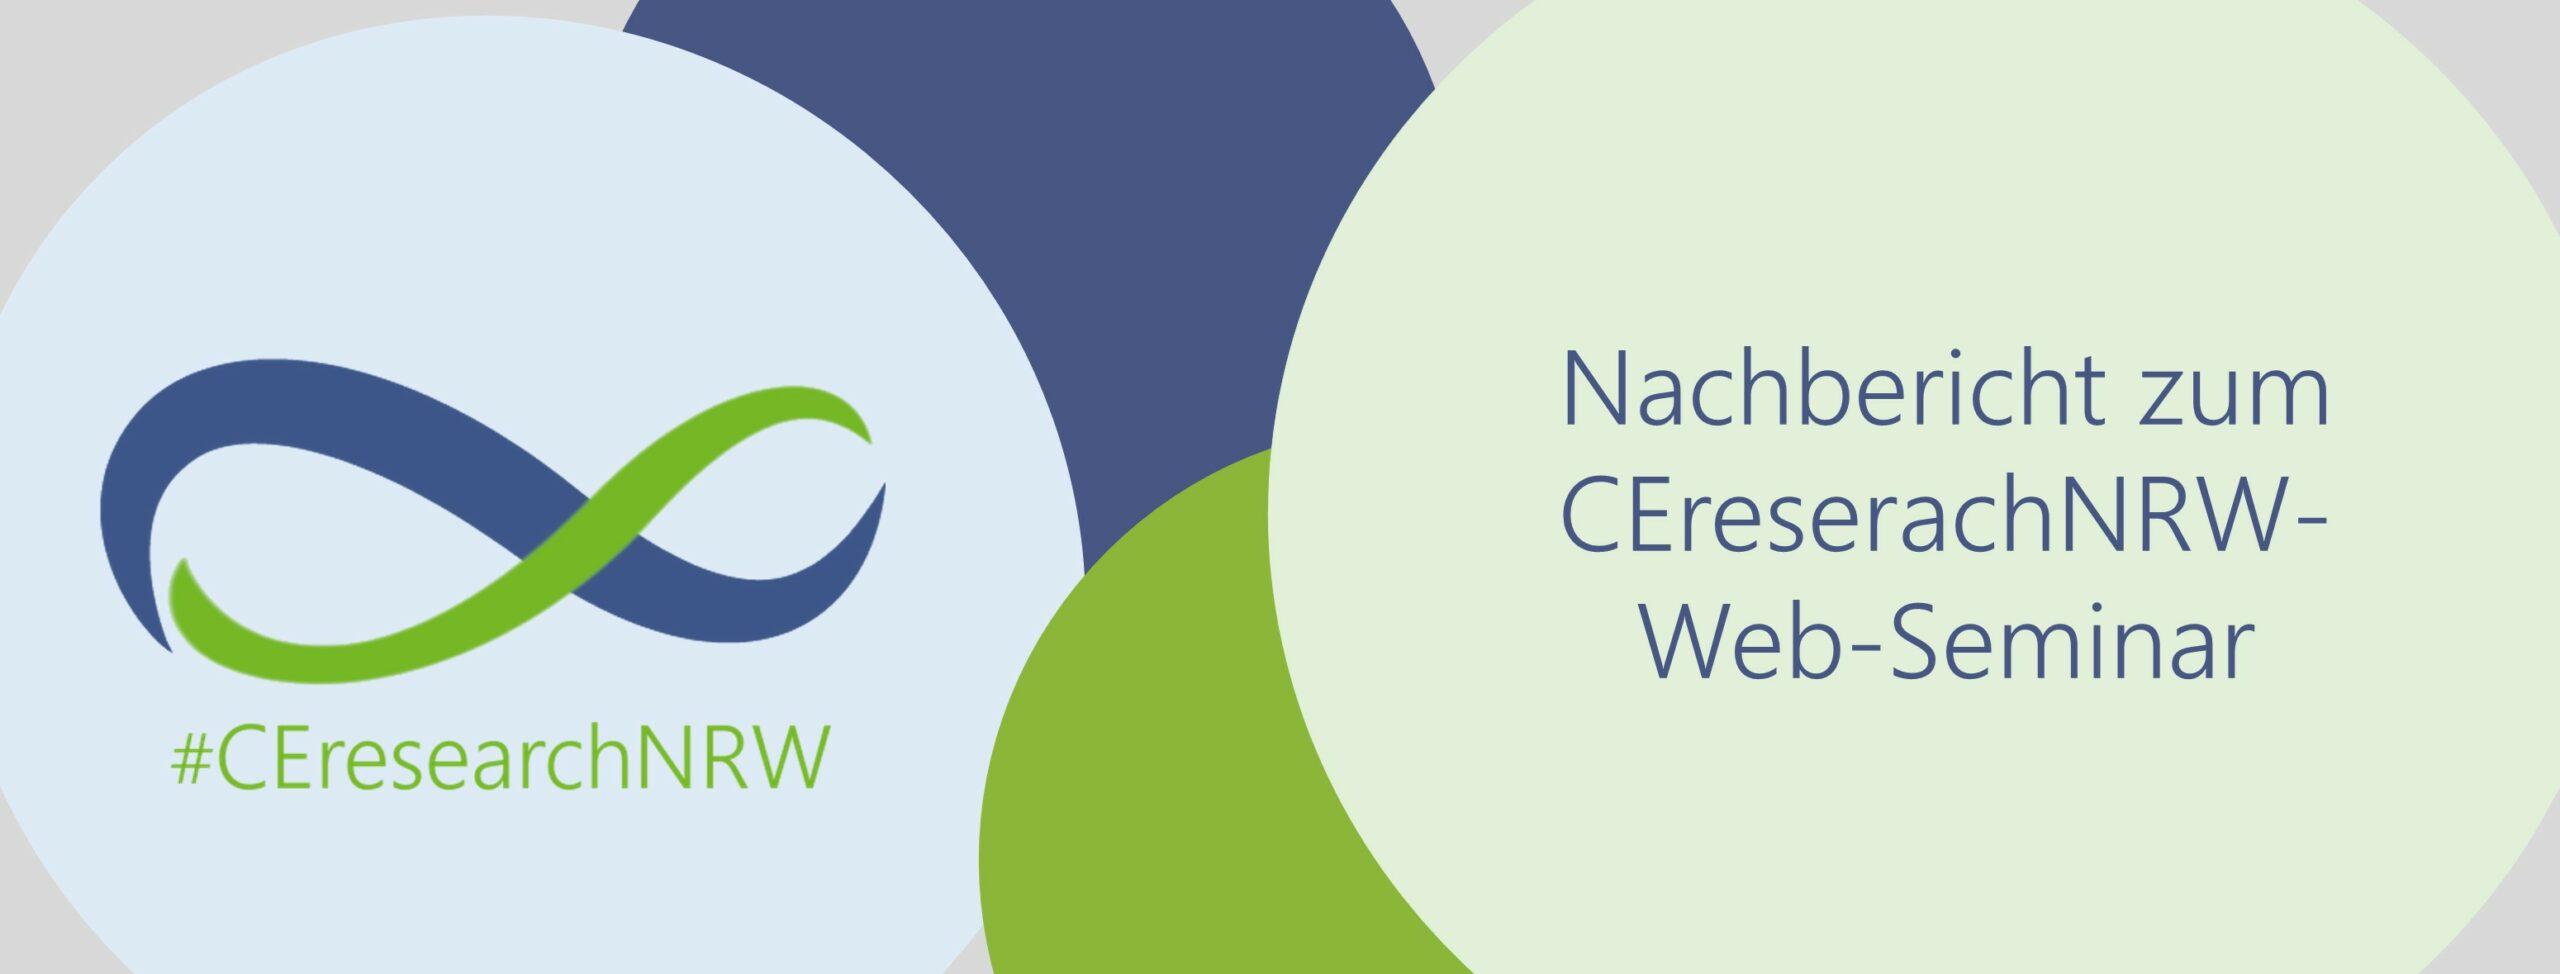 CEresearchNRW_Web-Seminar